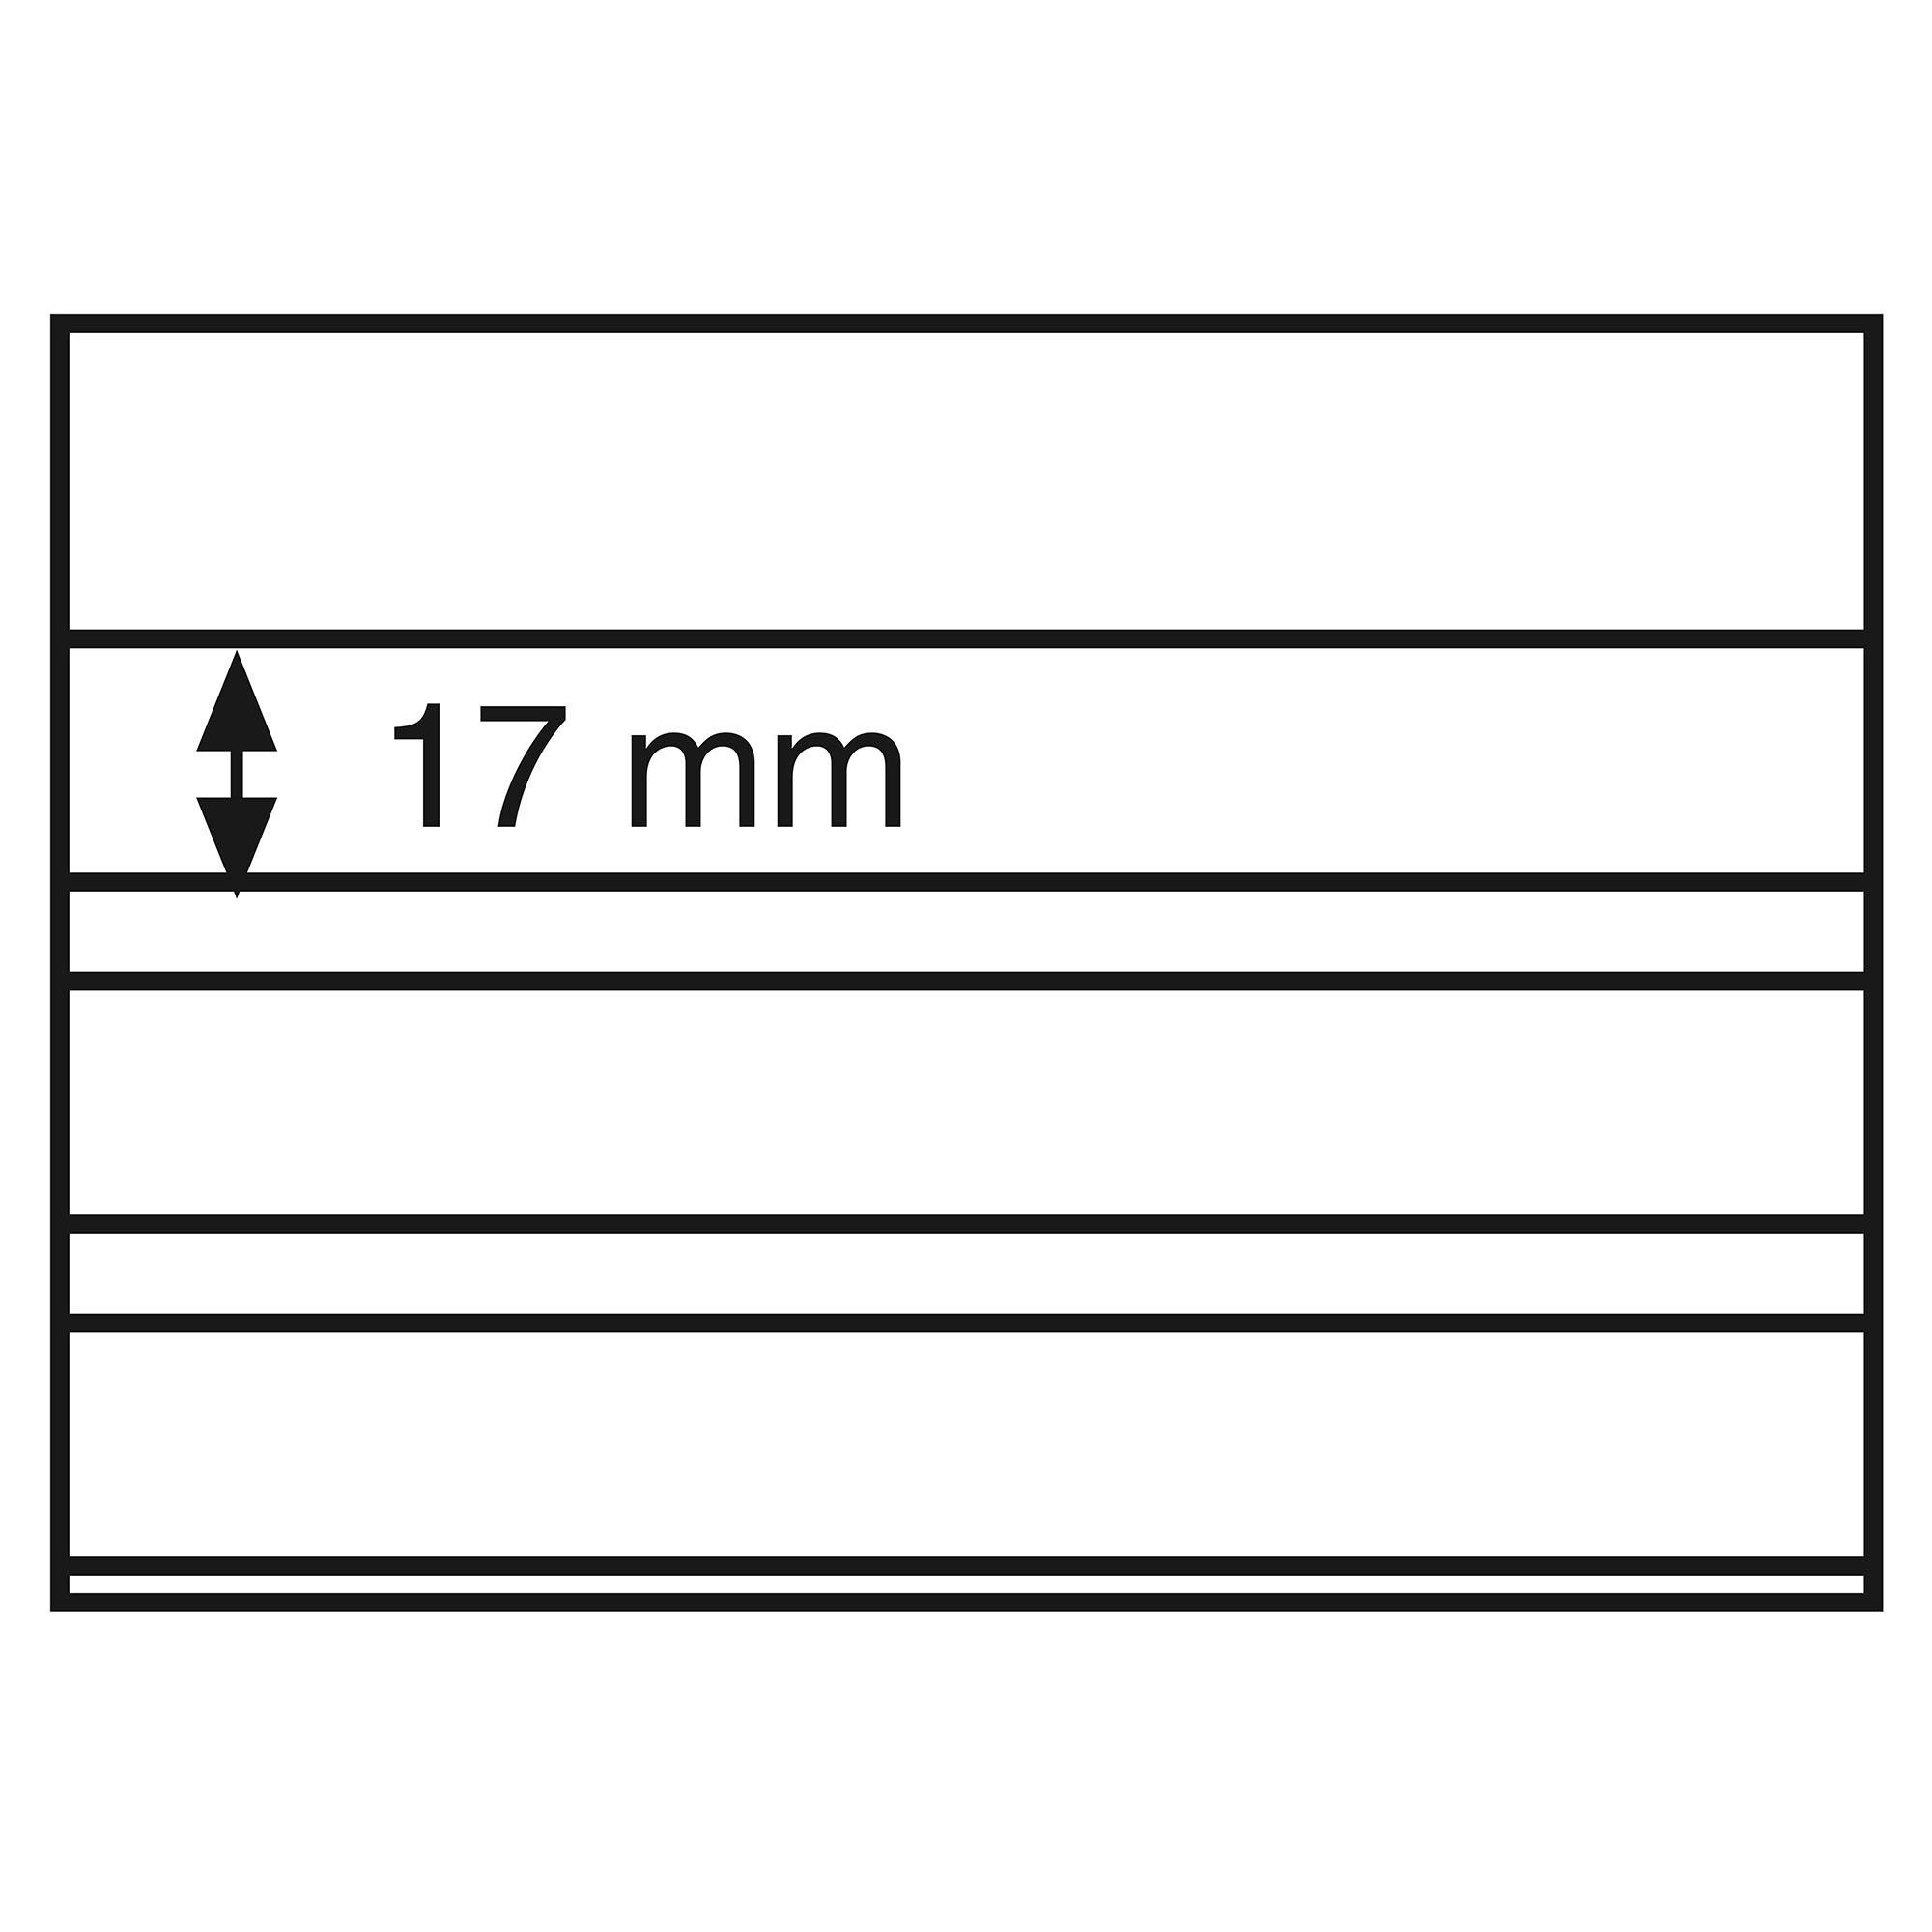 Планшет для марок на 3 полоски Standard 148x105 мм